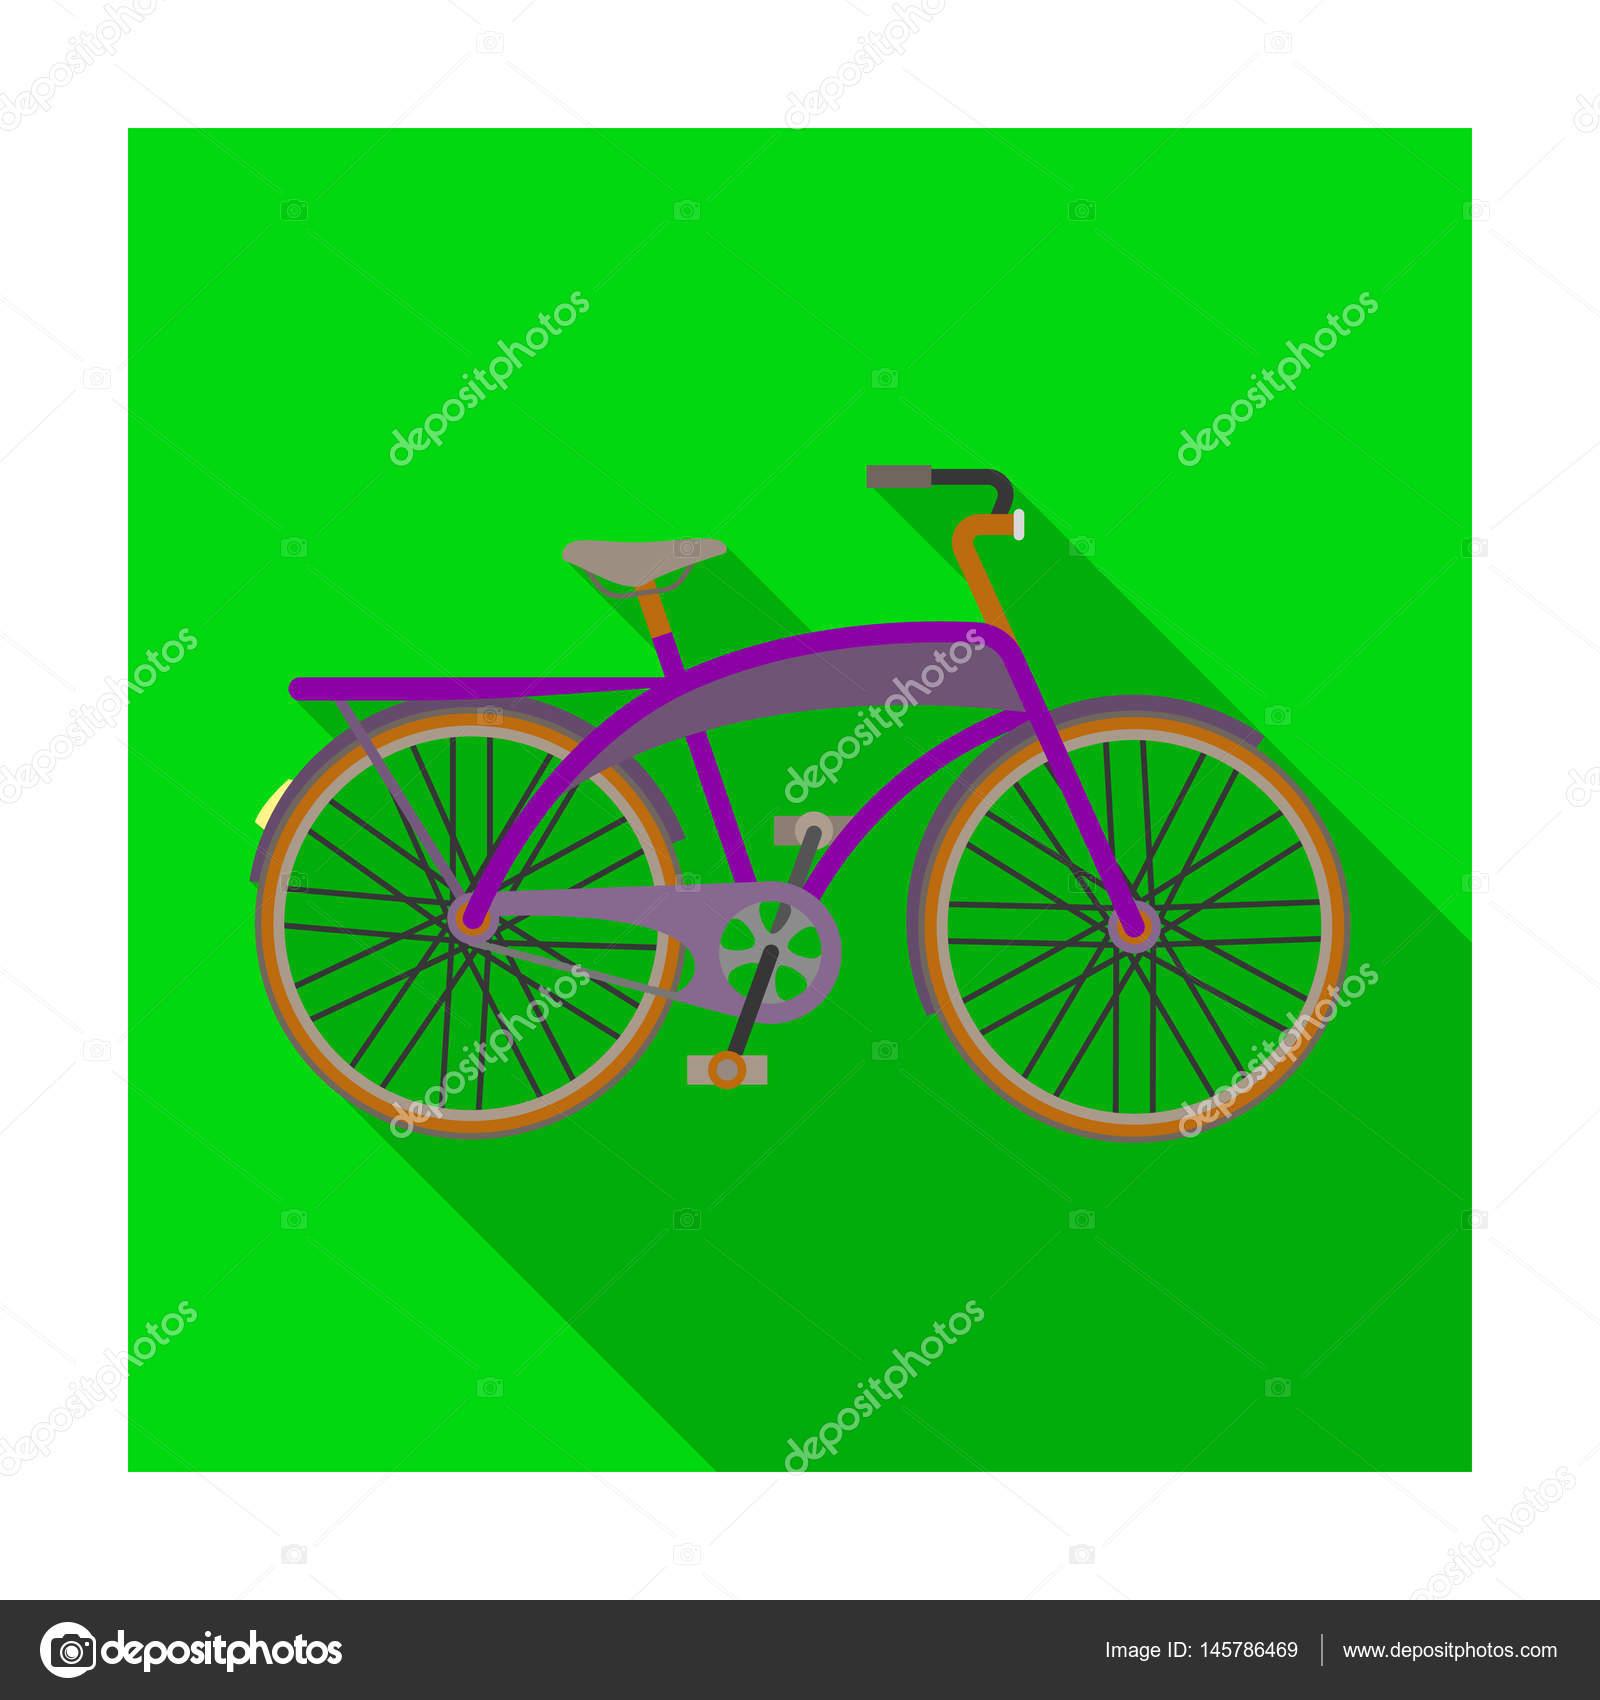 Rennrad für Spaziergänge mit einem halbrunden Rahmen. Anderes ...